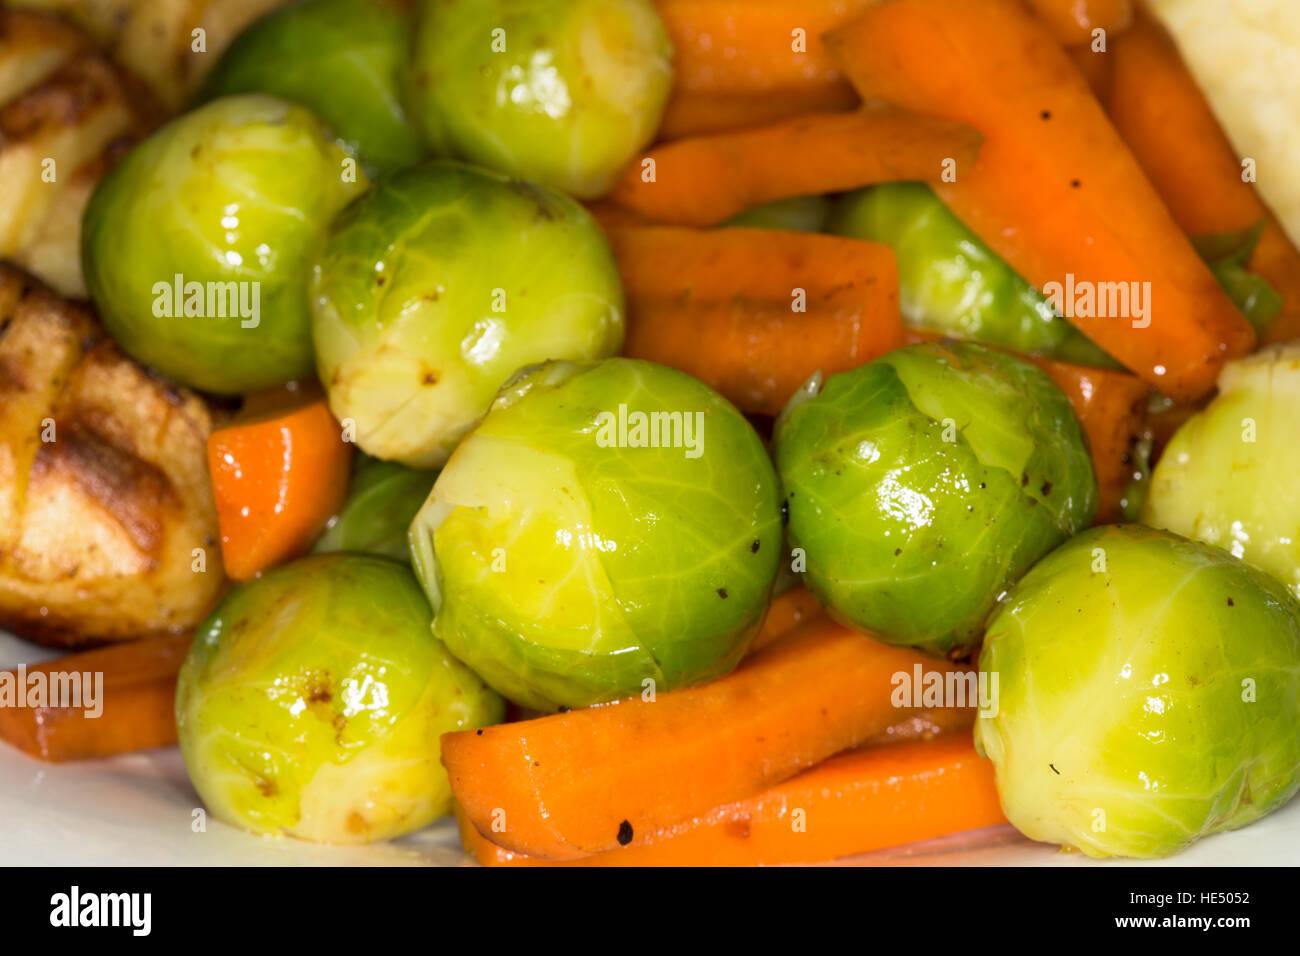 Nahaufnahme der festlichen gekochtes Gemüse wie Rosenkohl und Karotten. Stockbild